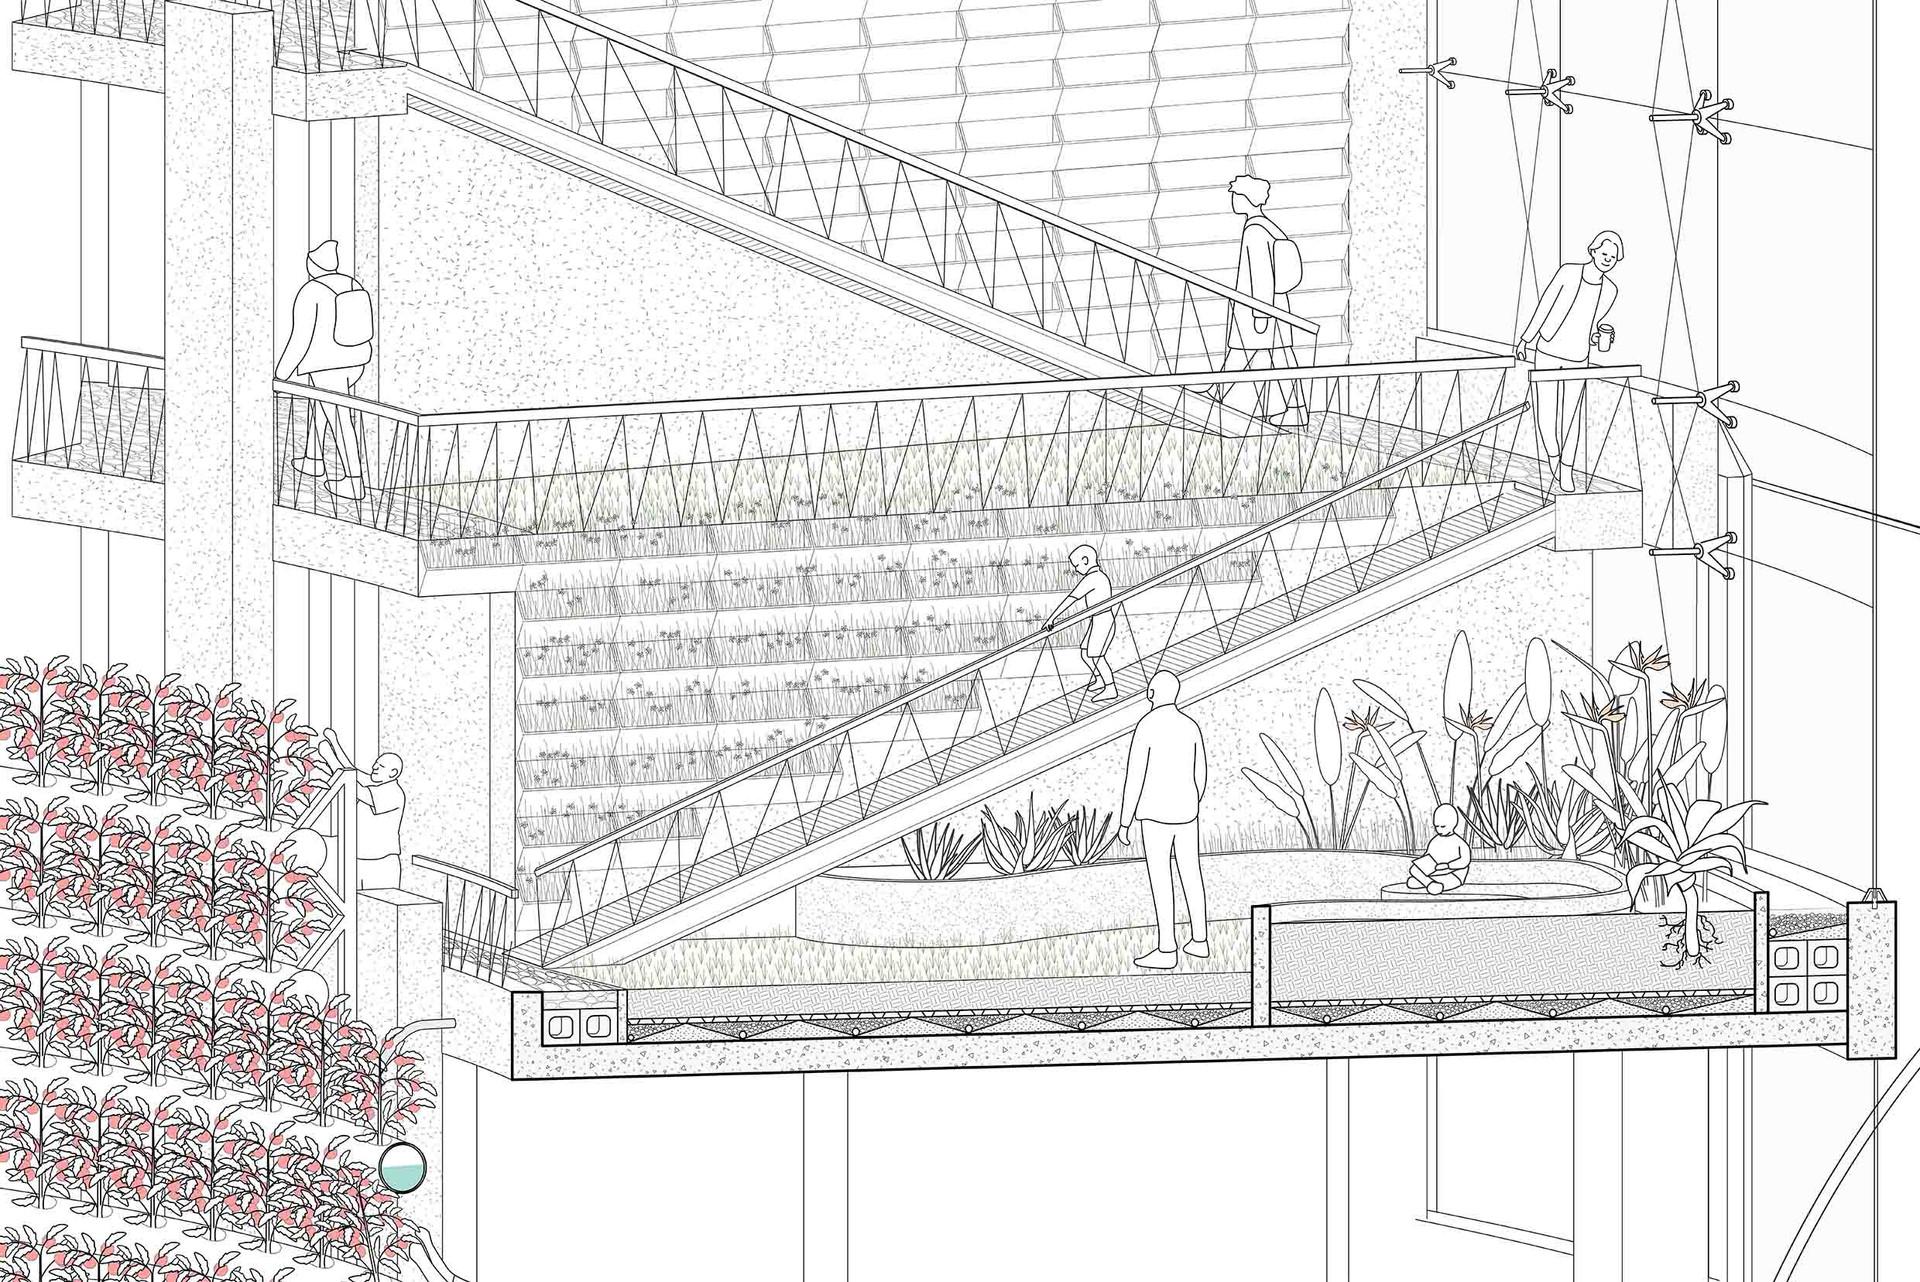 Roof garden 3D section. Pottie, A. Unit 13. 2020.. 2020.